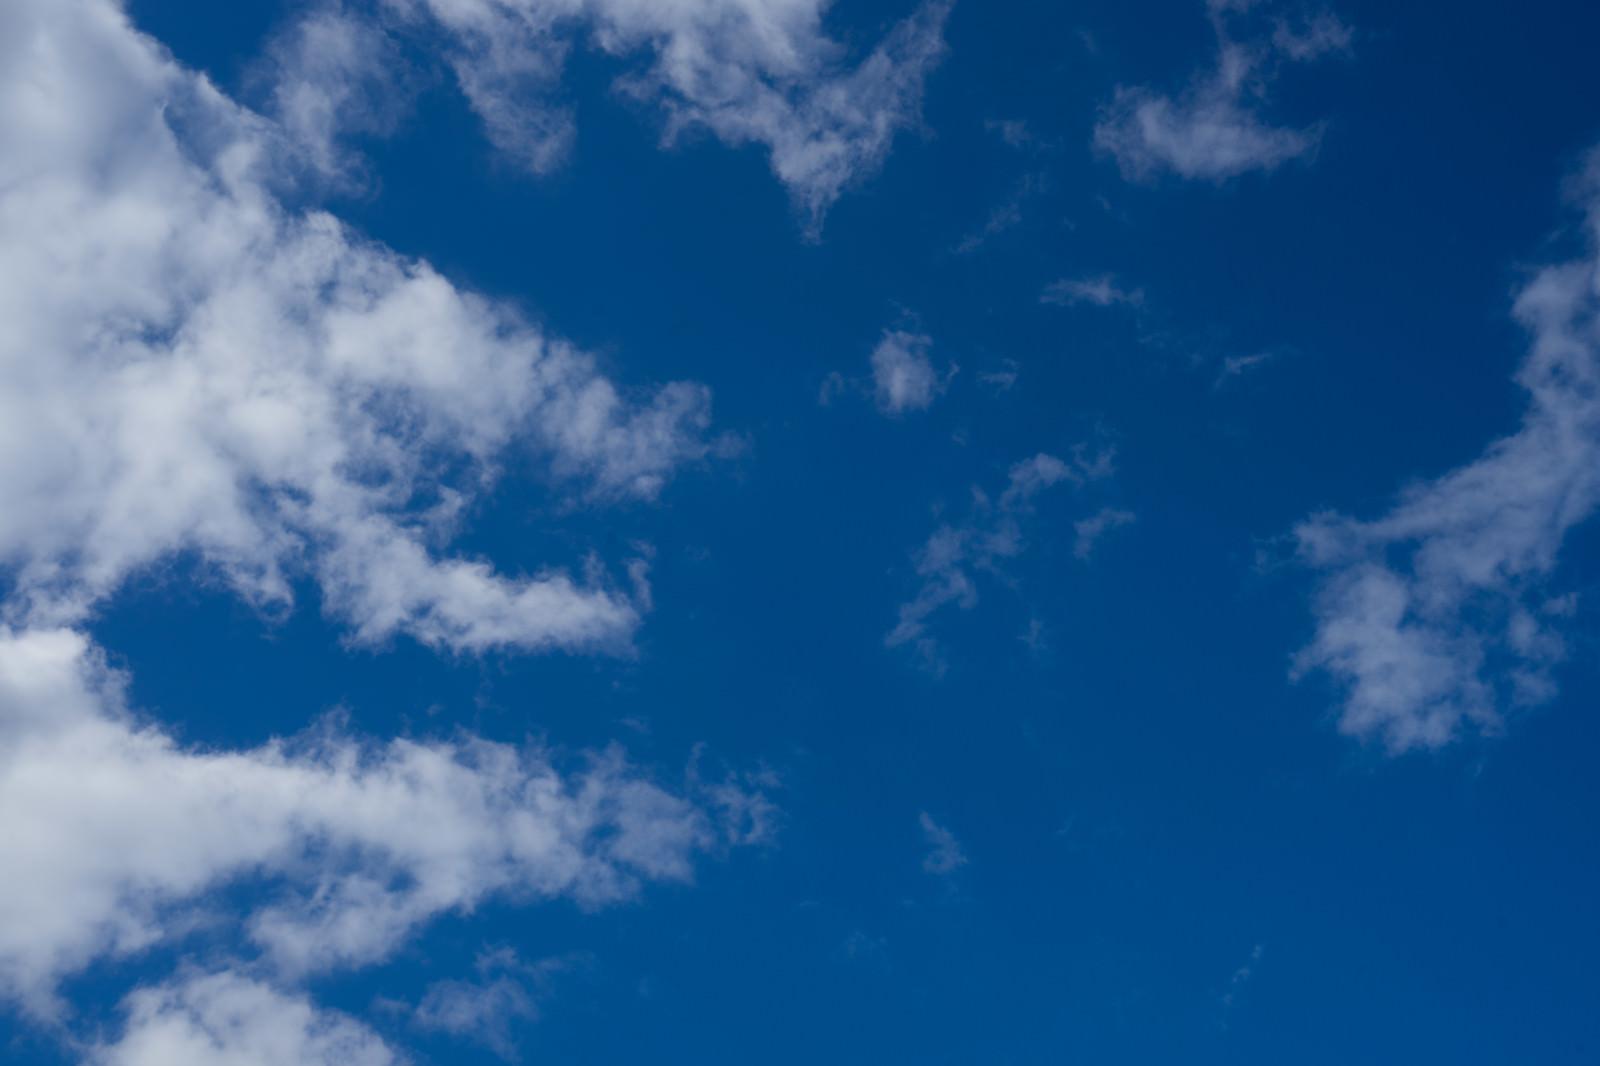 「雲と空模様」の写真